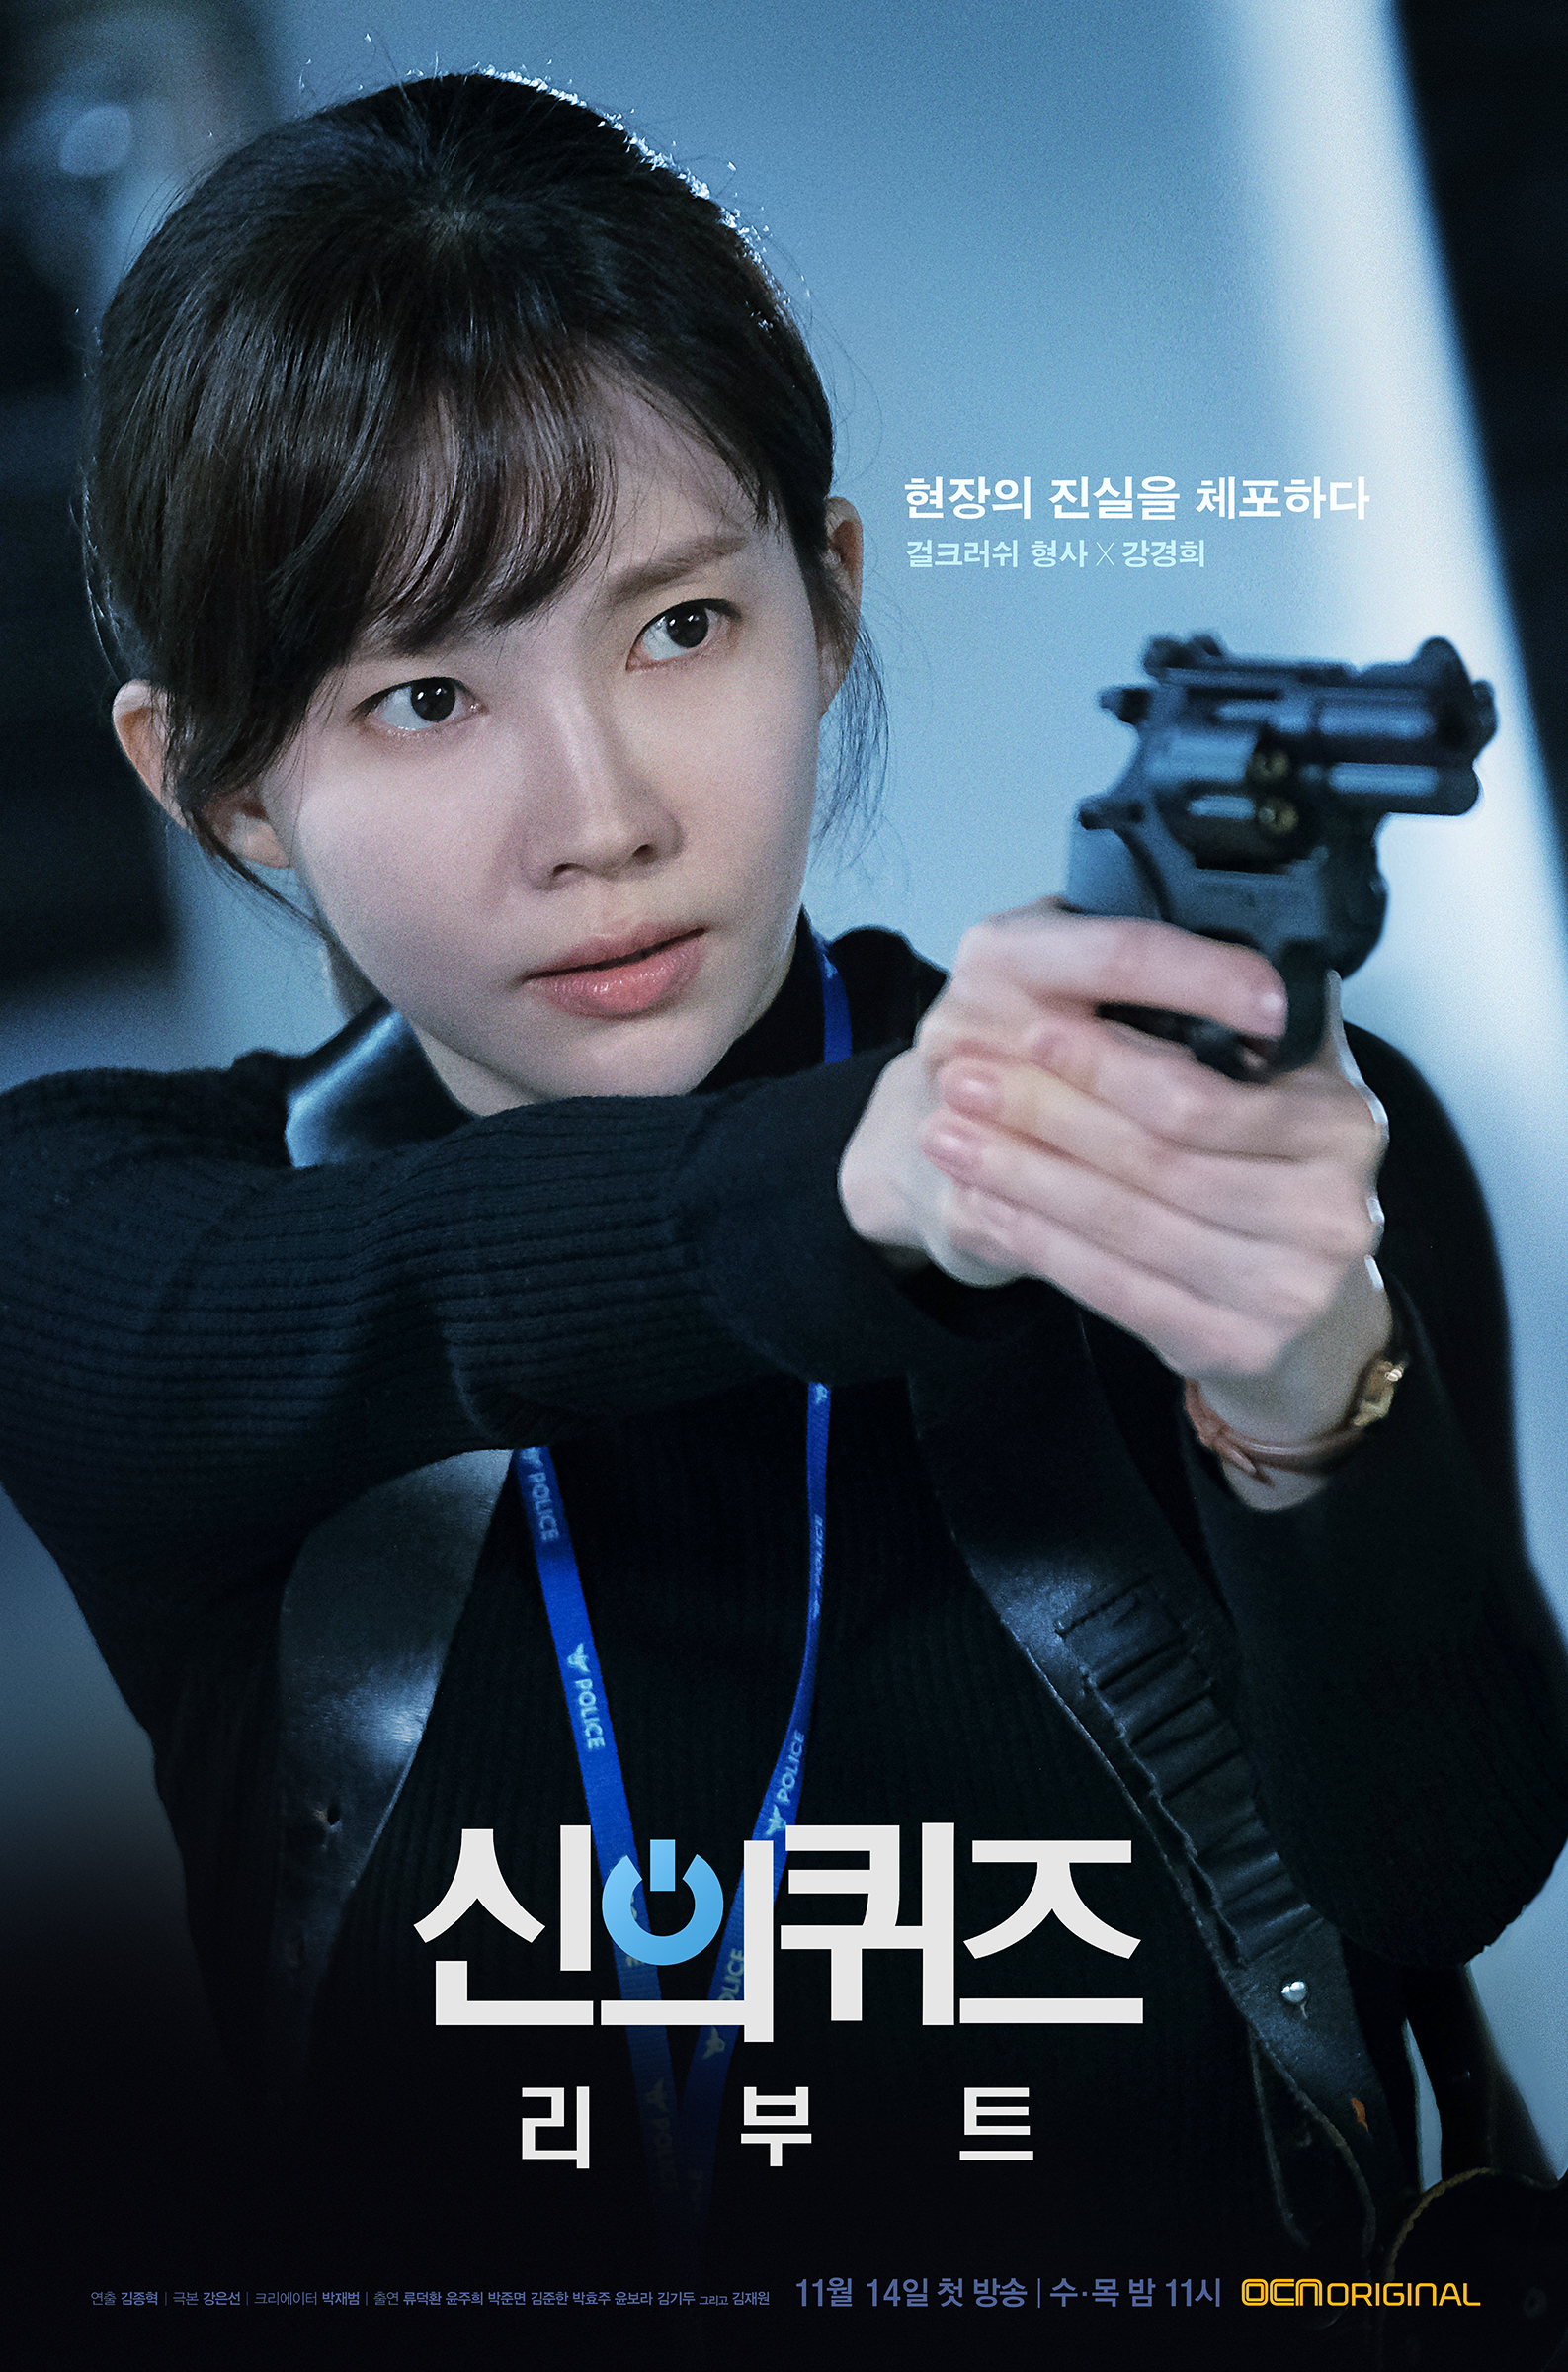 신의 퀴즈 강경희 포스터 (1).jpg